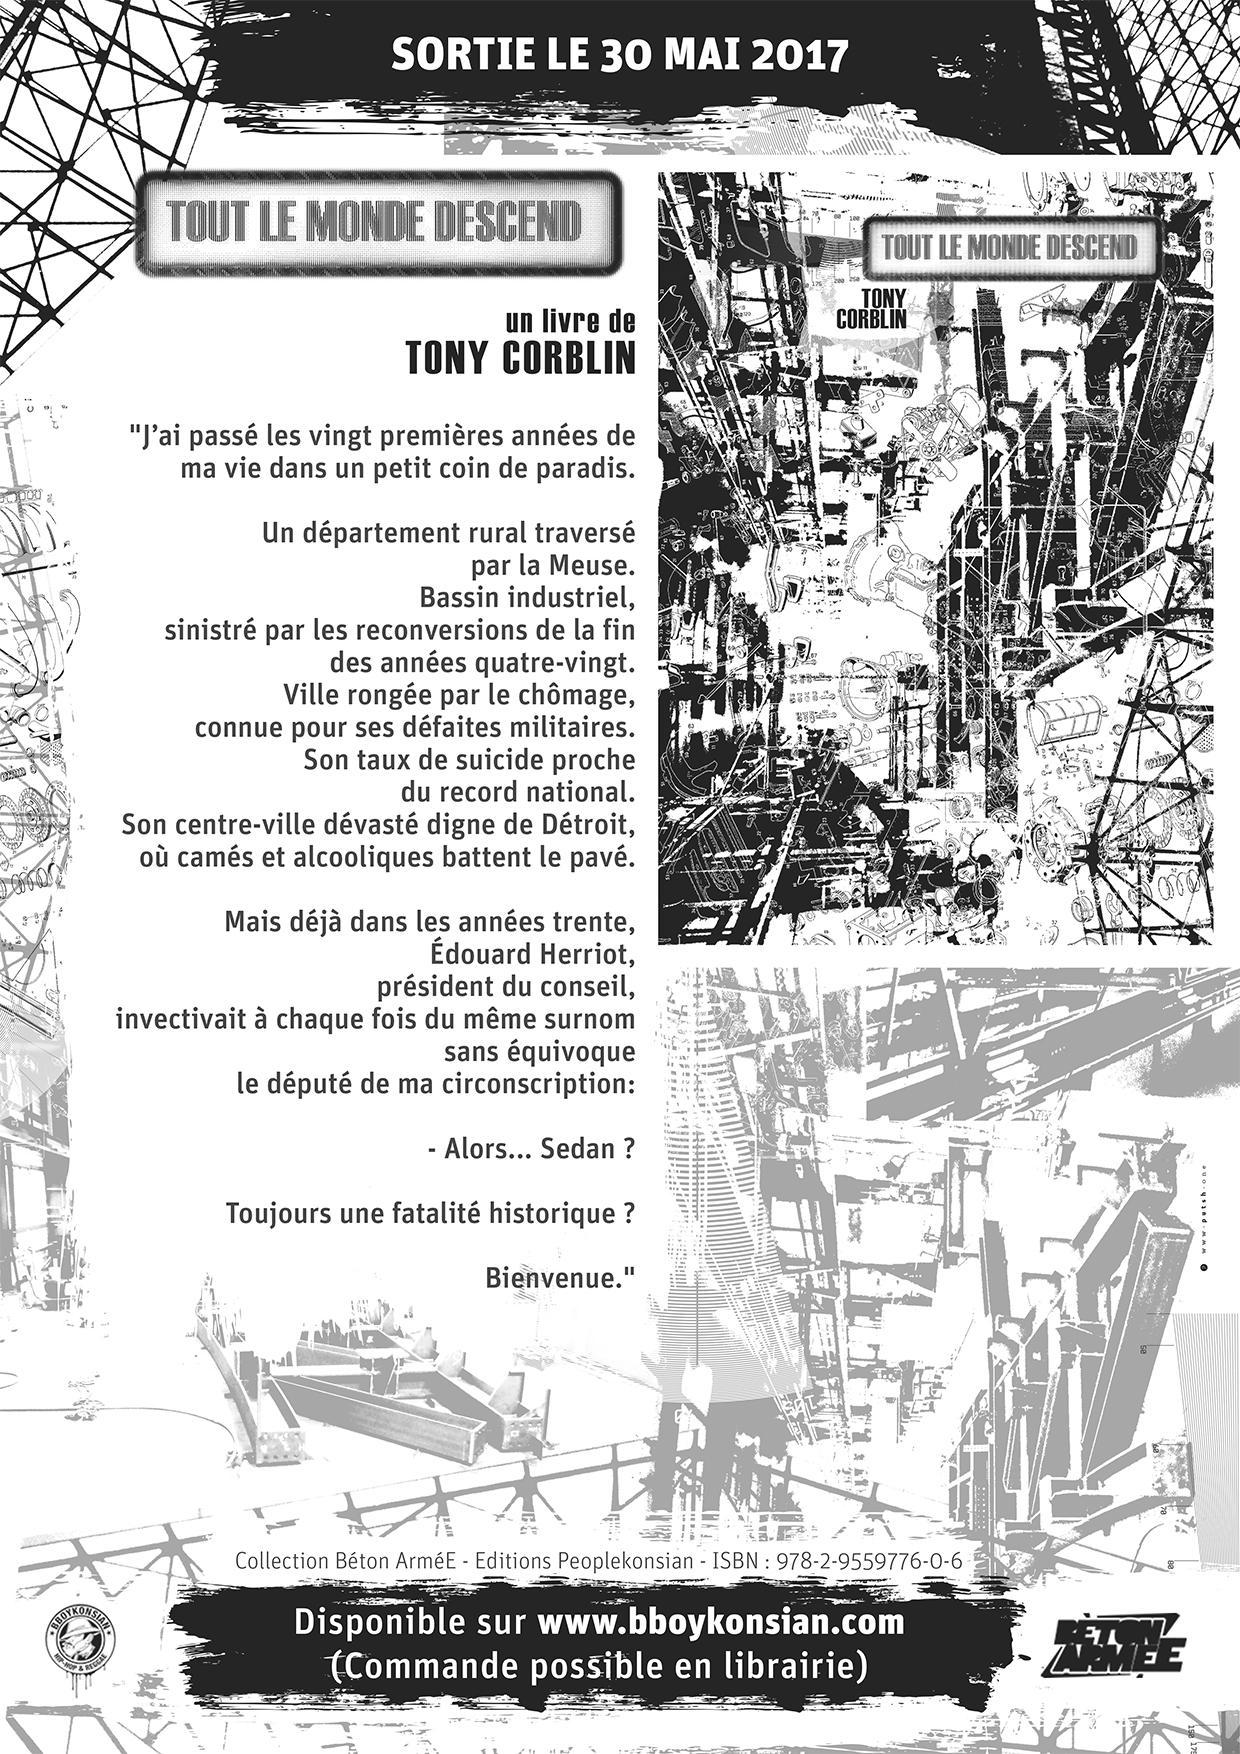 """Sortie du livre """"Tout le monde descend"""" de Tony Corblin le 30 mai 2017"""